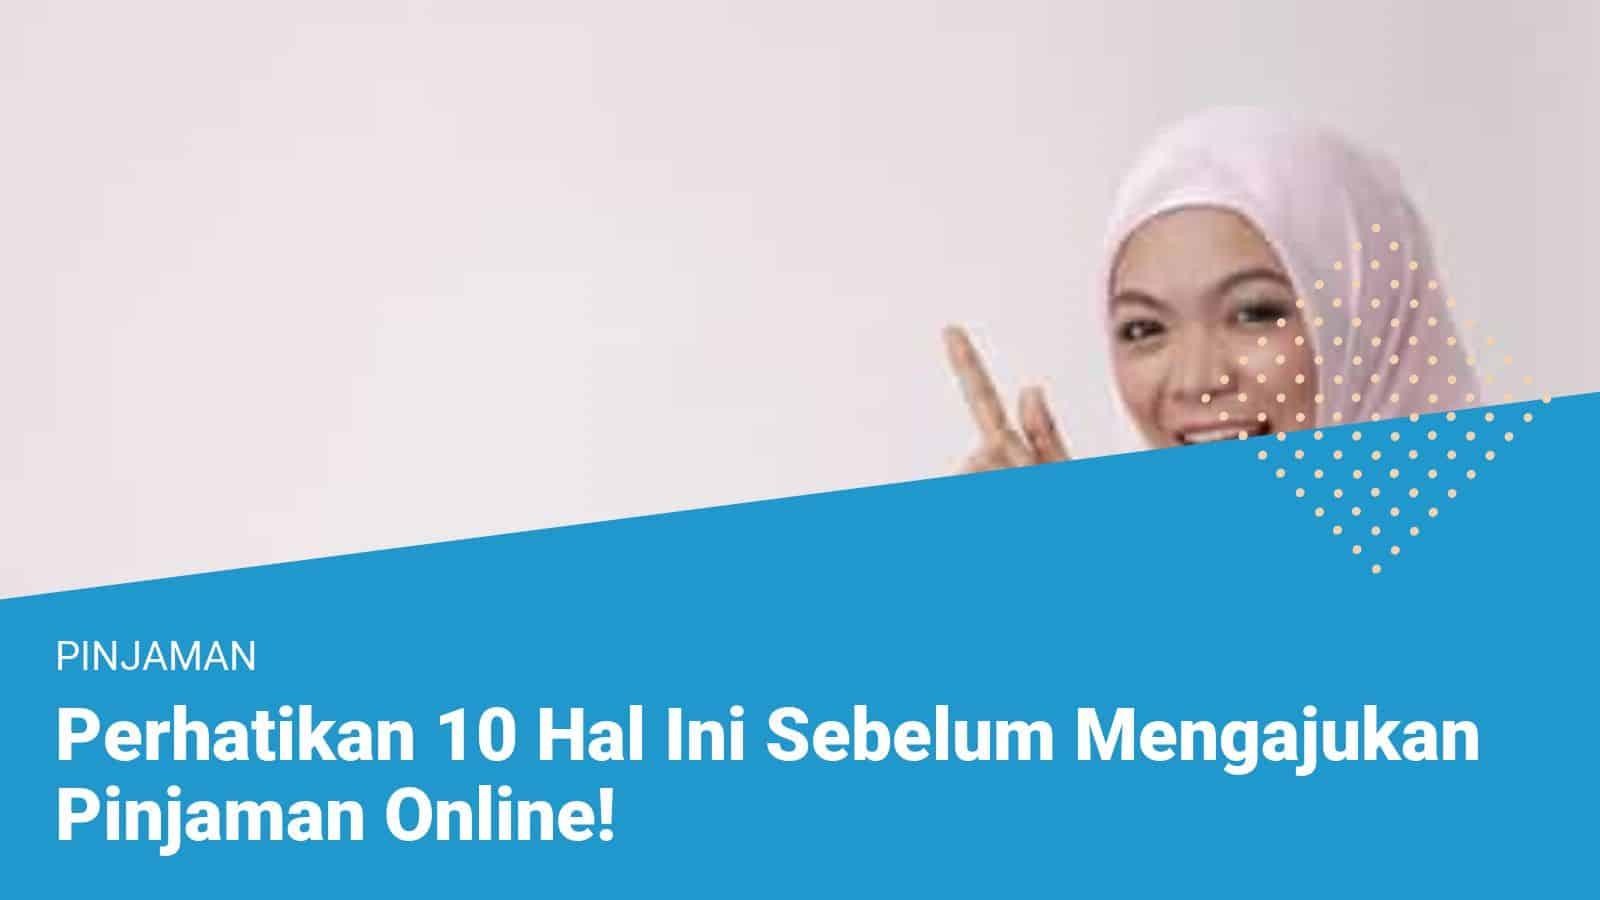 Perhatikan 10 Hal Ini Sebelum Mengajukan Pinjaman Online!